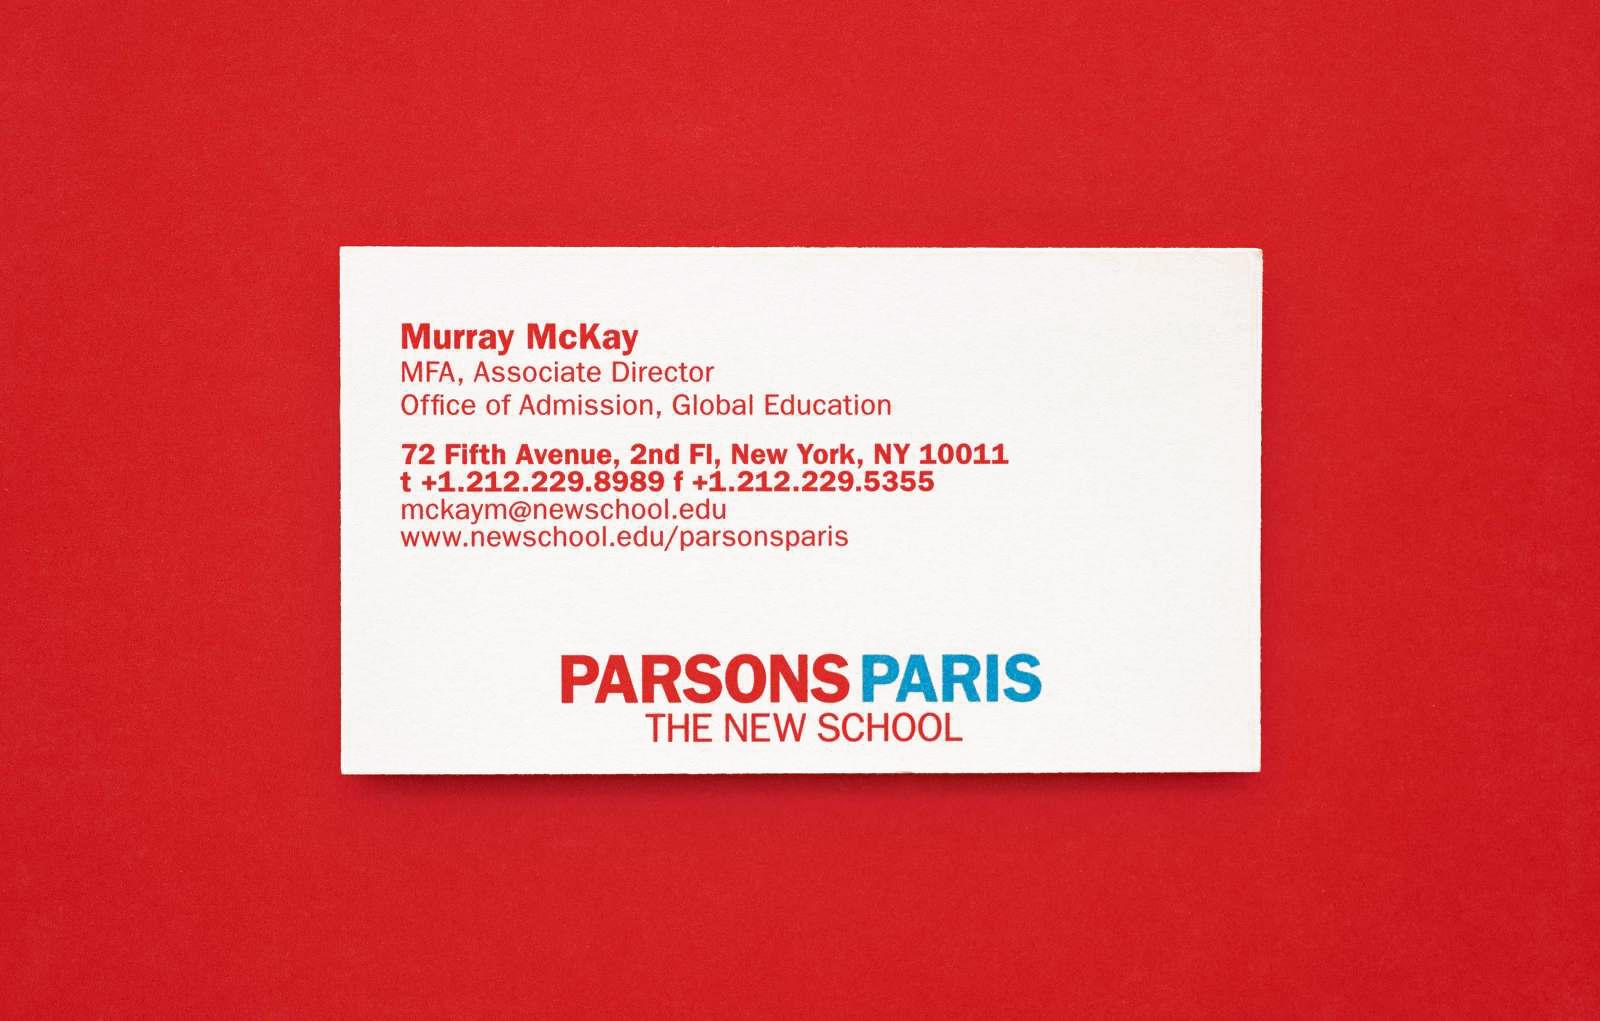 Paula_Giraldo_Parsons_Paris_43.jpg